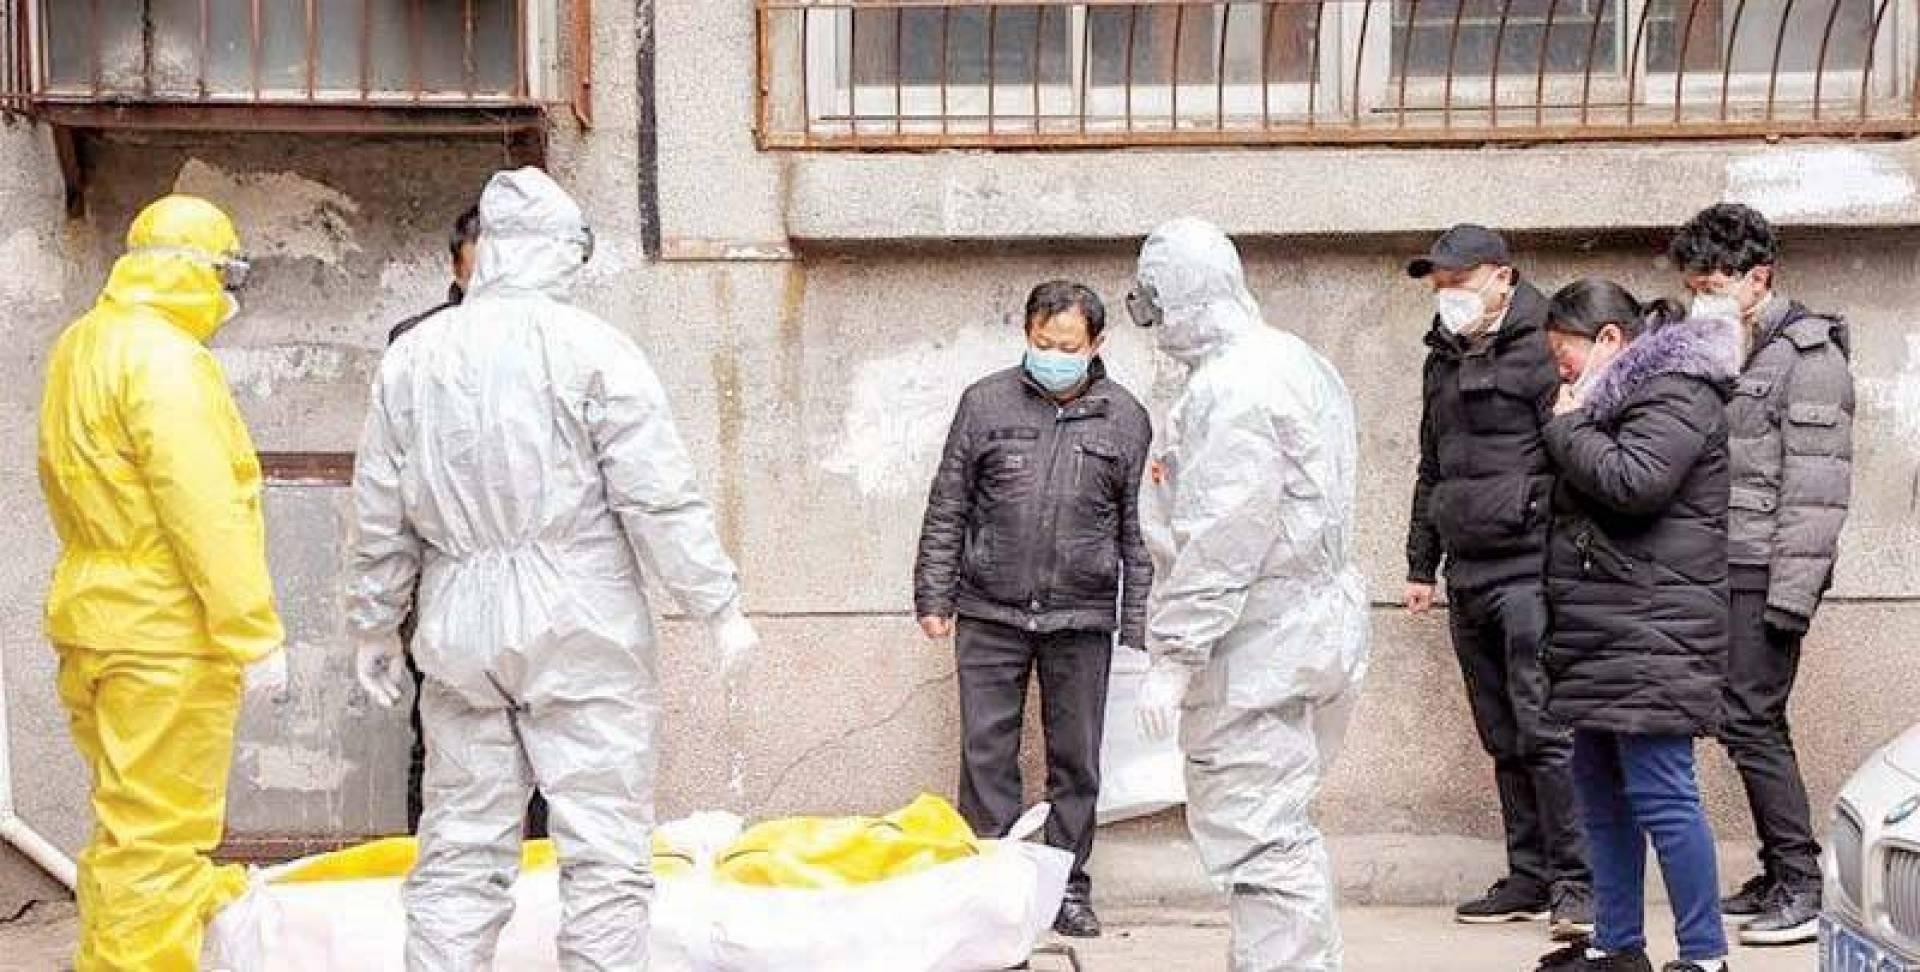 لجنة الصحة الصينية أمرت بحرق جثث كثيرة ومنعت الجنازات لقتلى «كورونا»